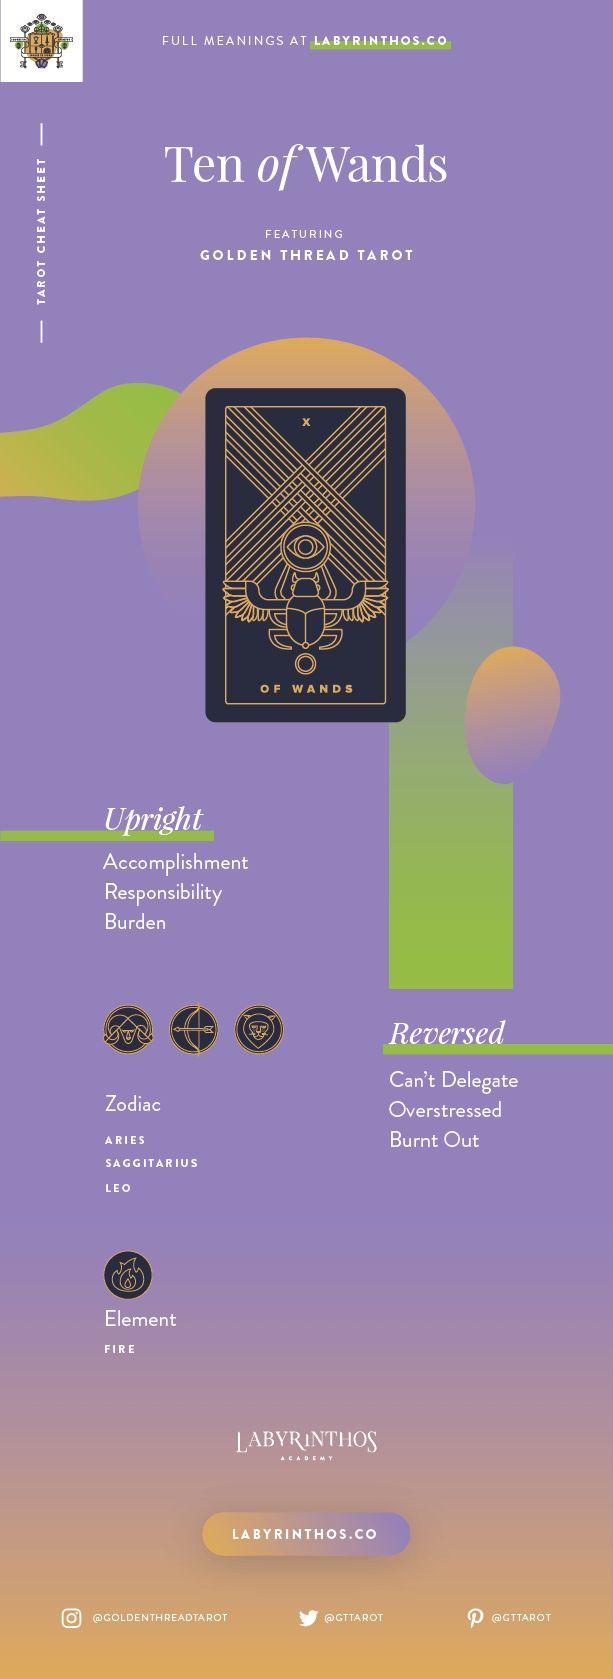 Ten of Wands Meaning - Tarot Card Meanings Cheat Sheet. Art from Golden Thread Tarot.